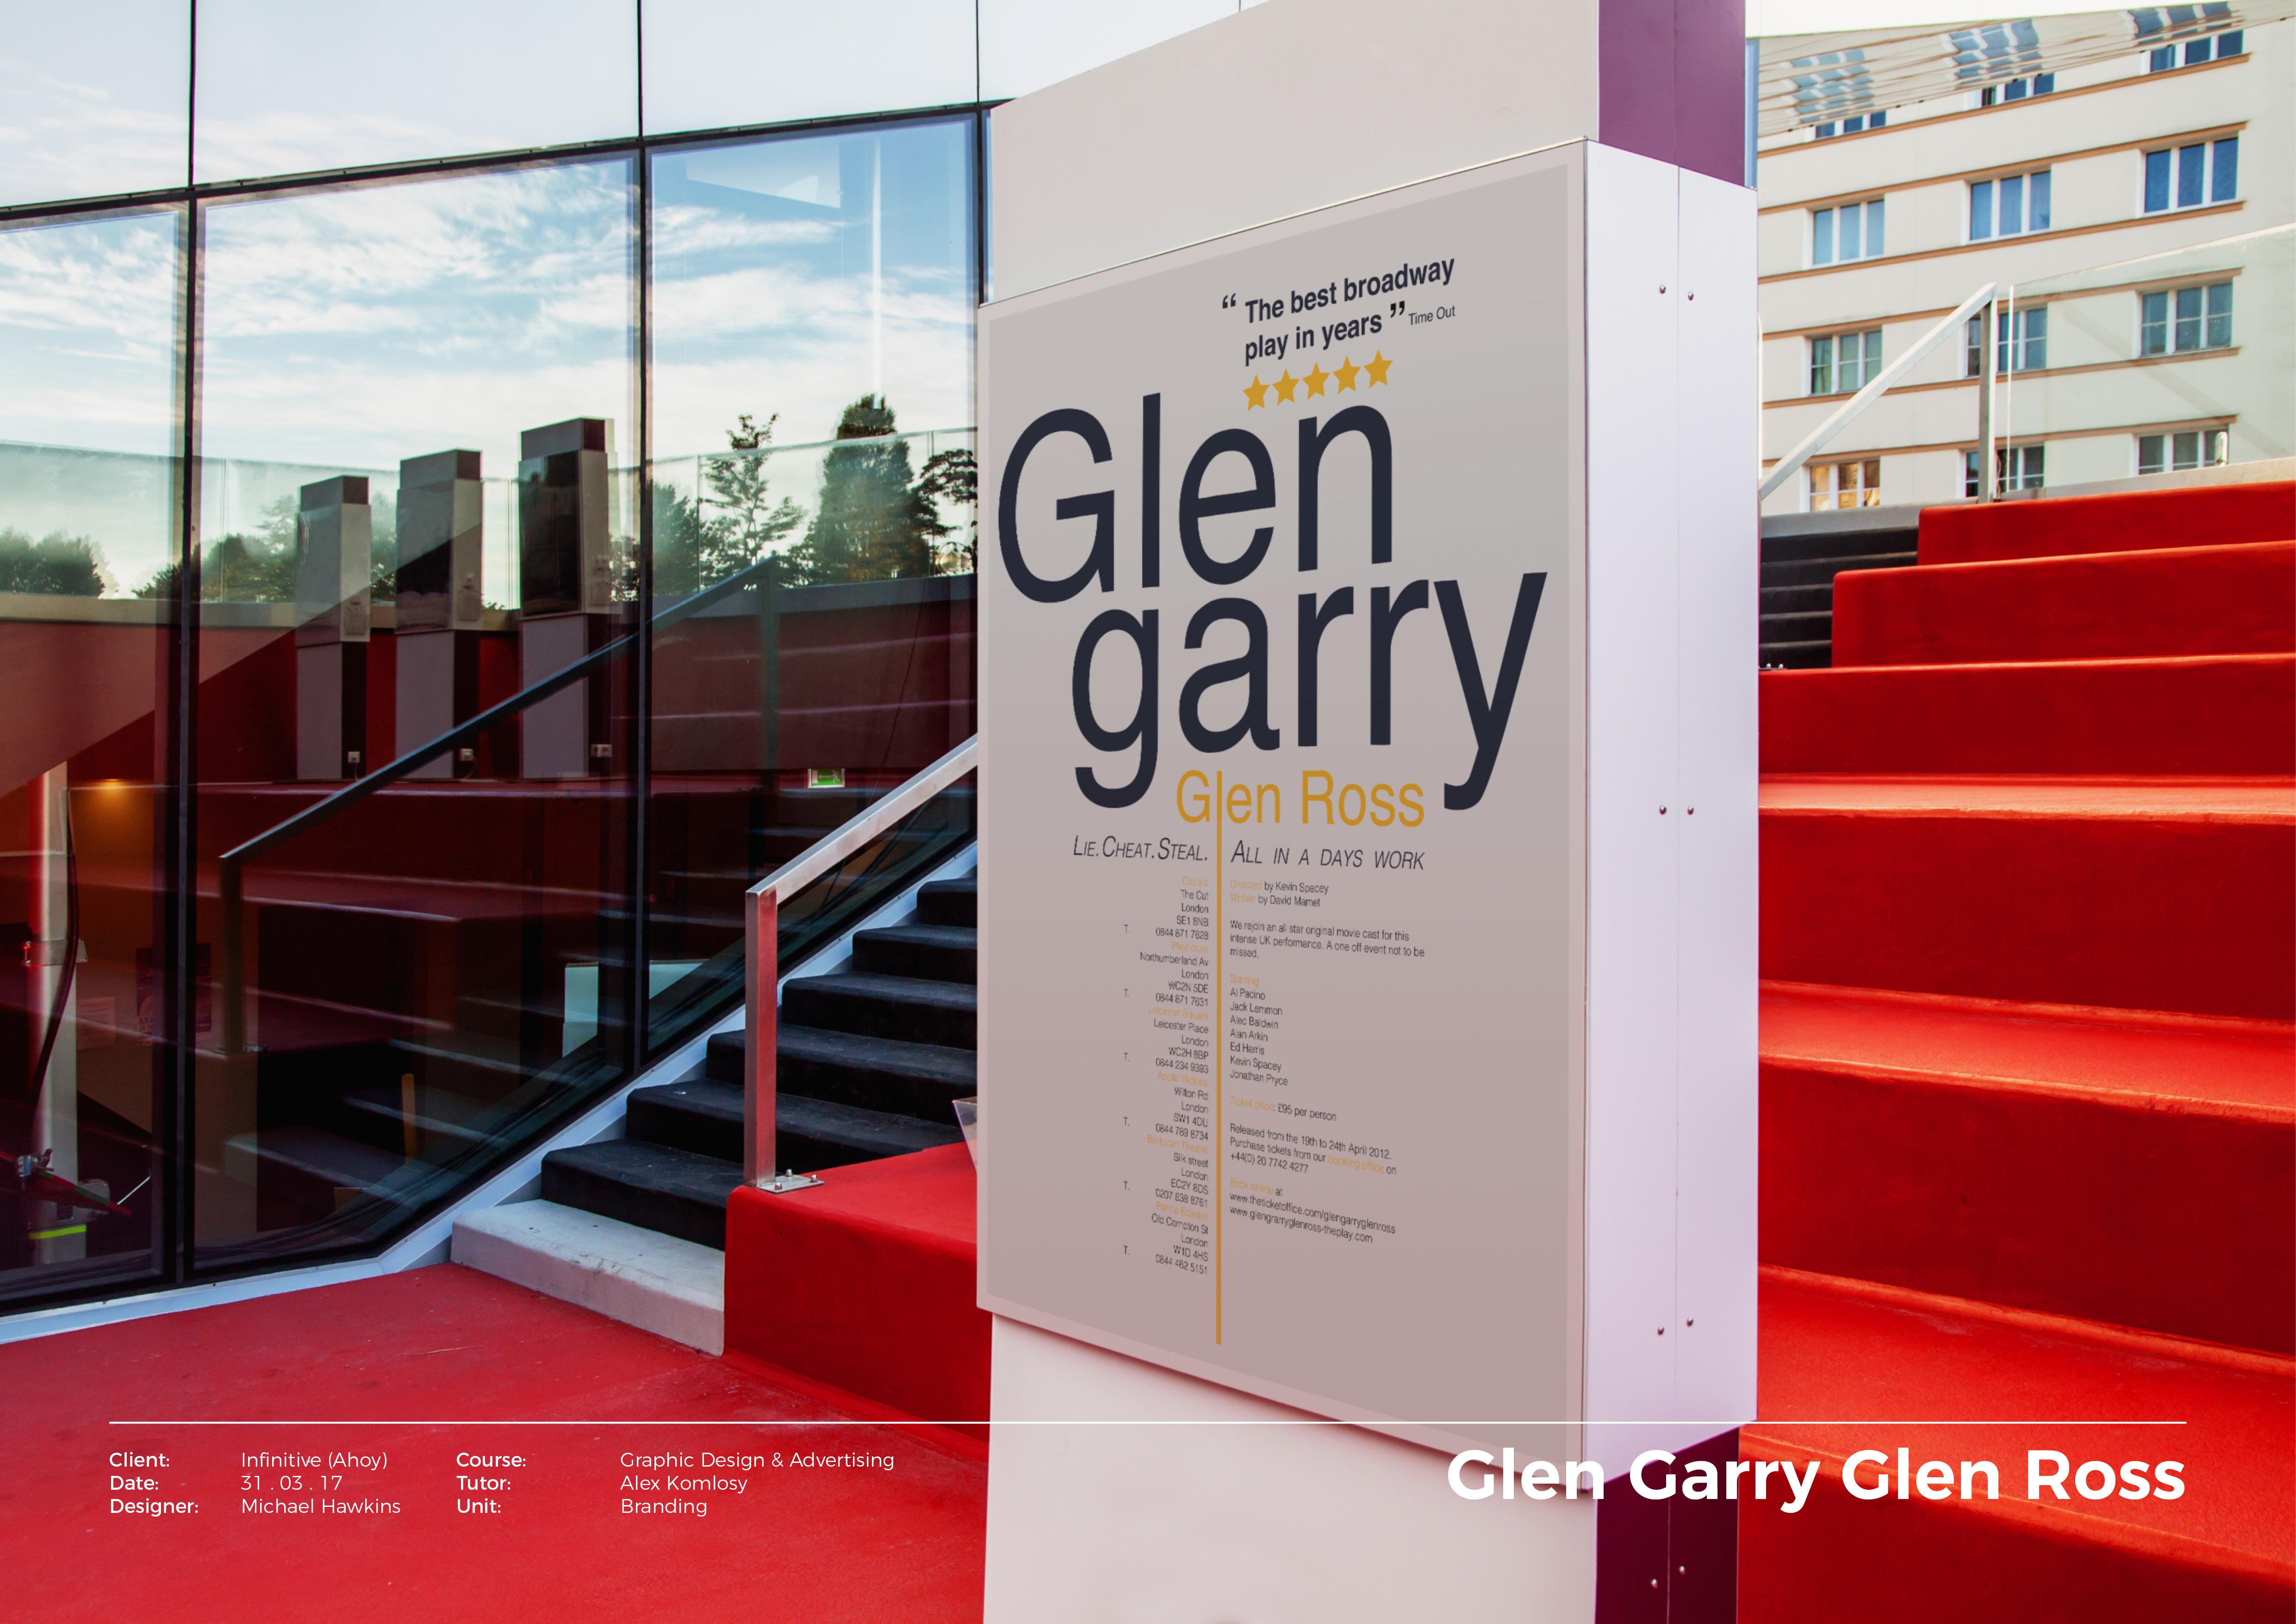 Glen Garry Glen Ross